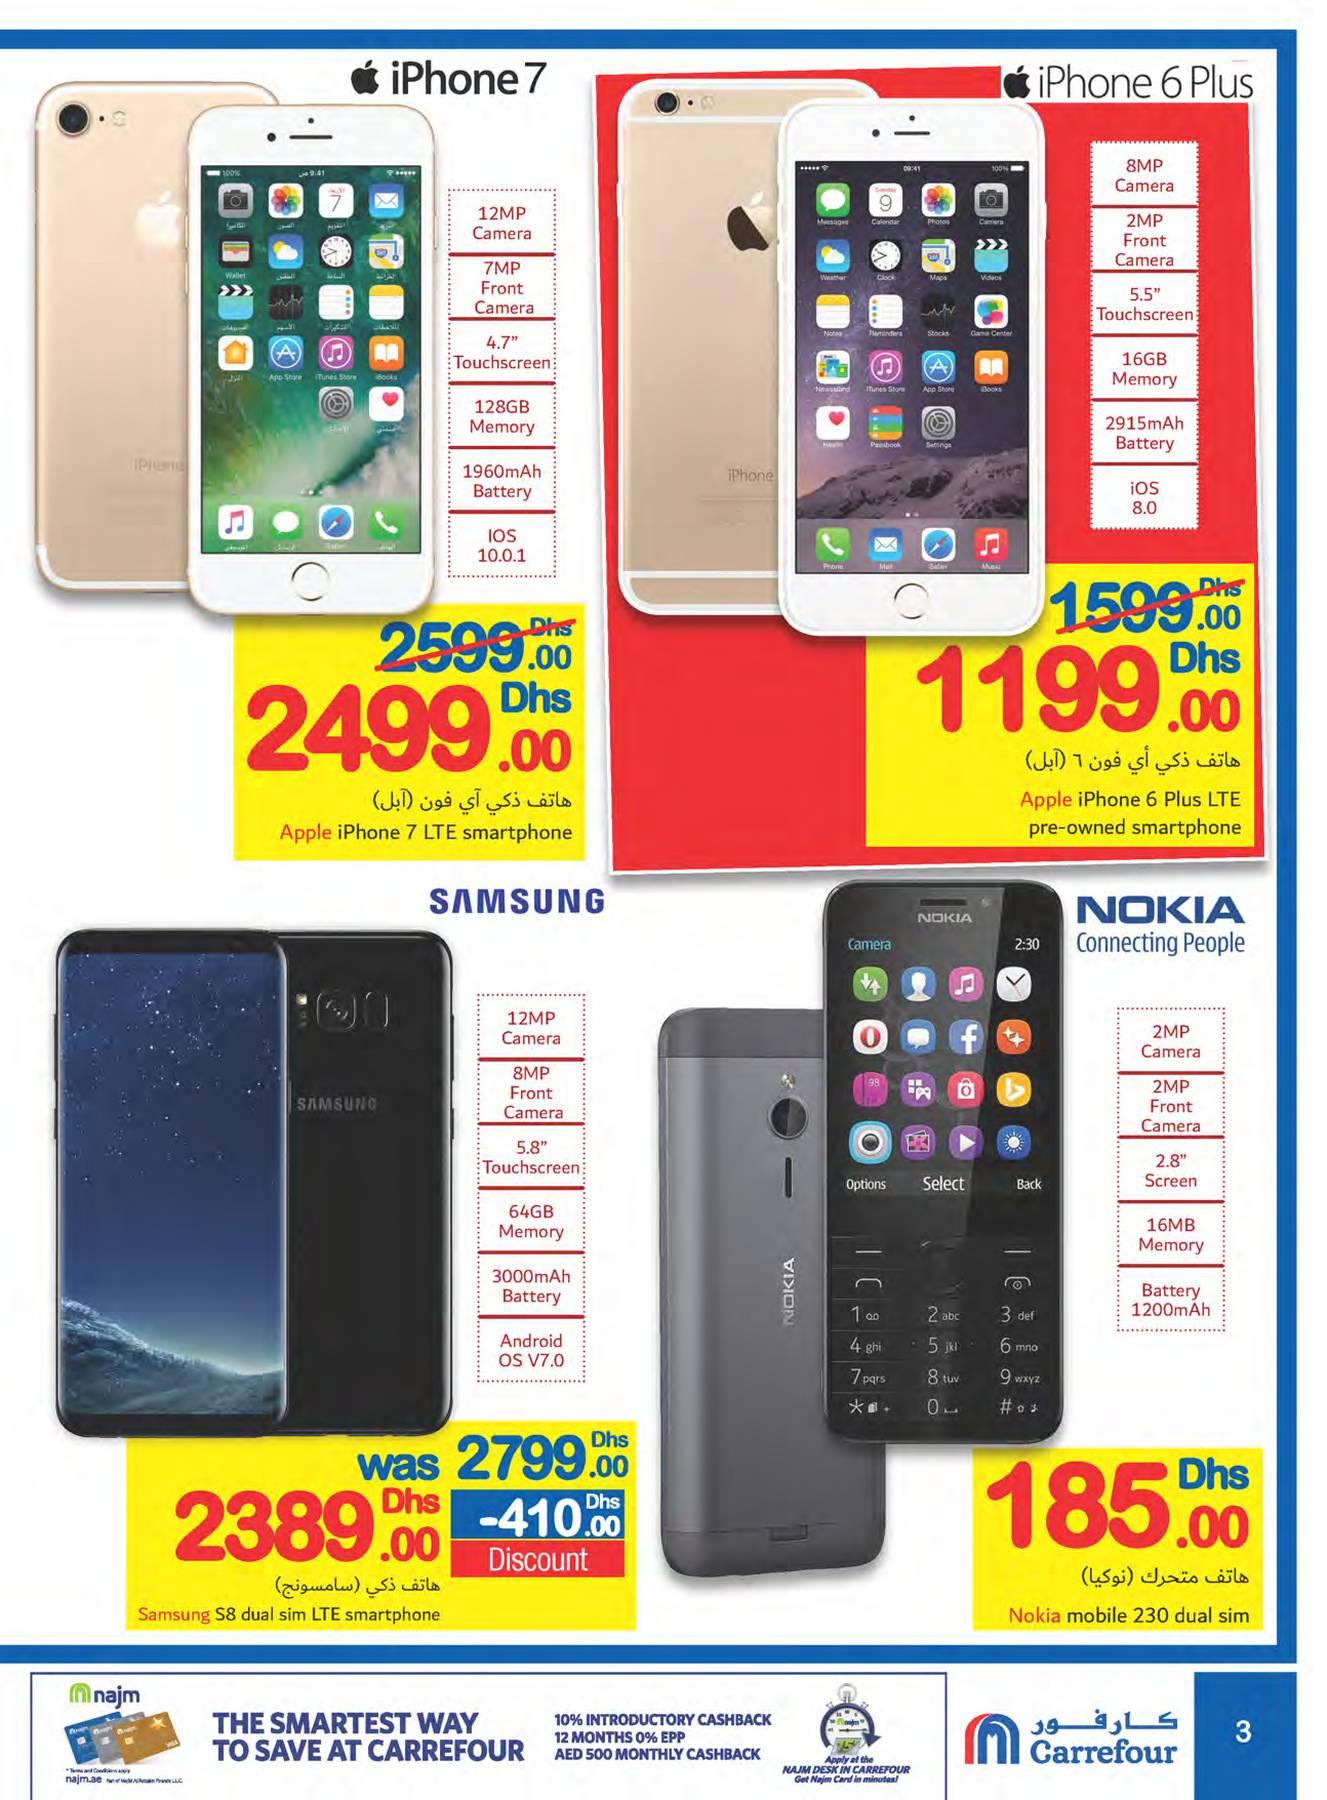 Carrefour Iphone  Plus